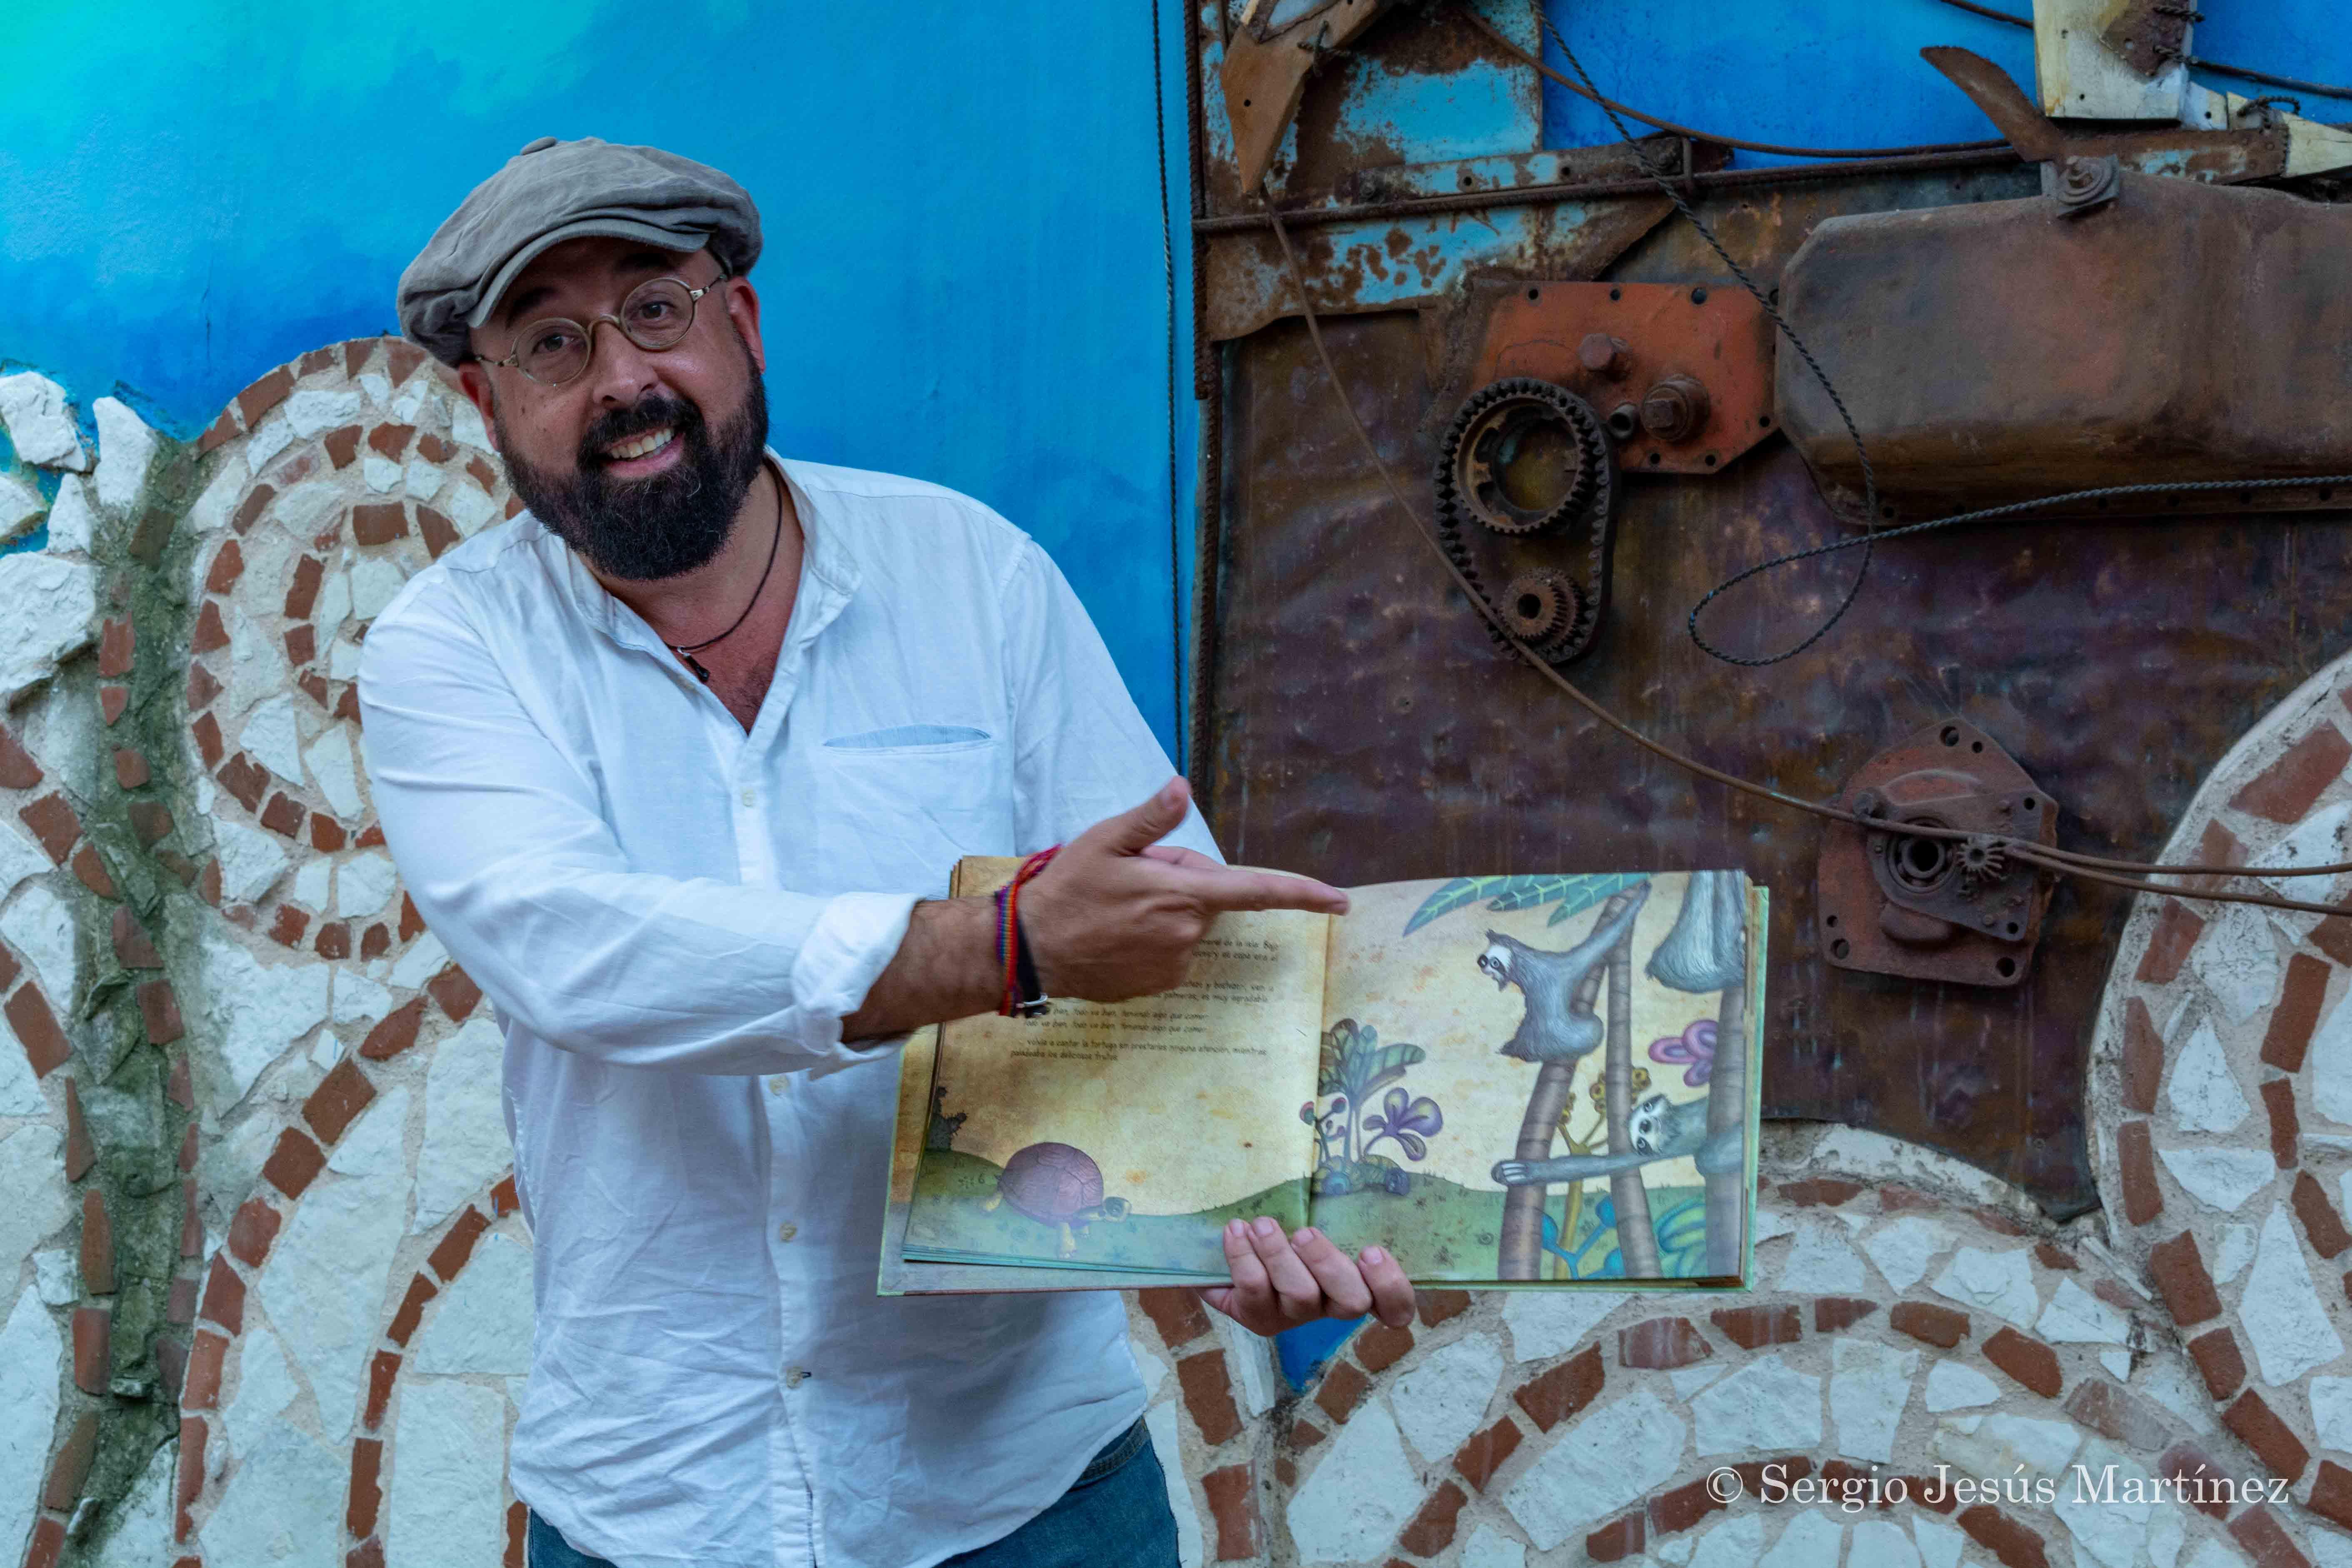 Vacacionar trabajando para los niños de Cuba. Por Sergio Jesús Martínez Villalonga